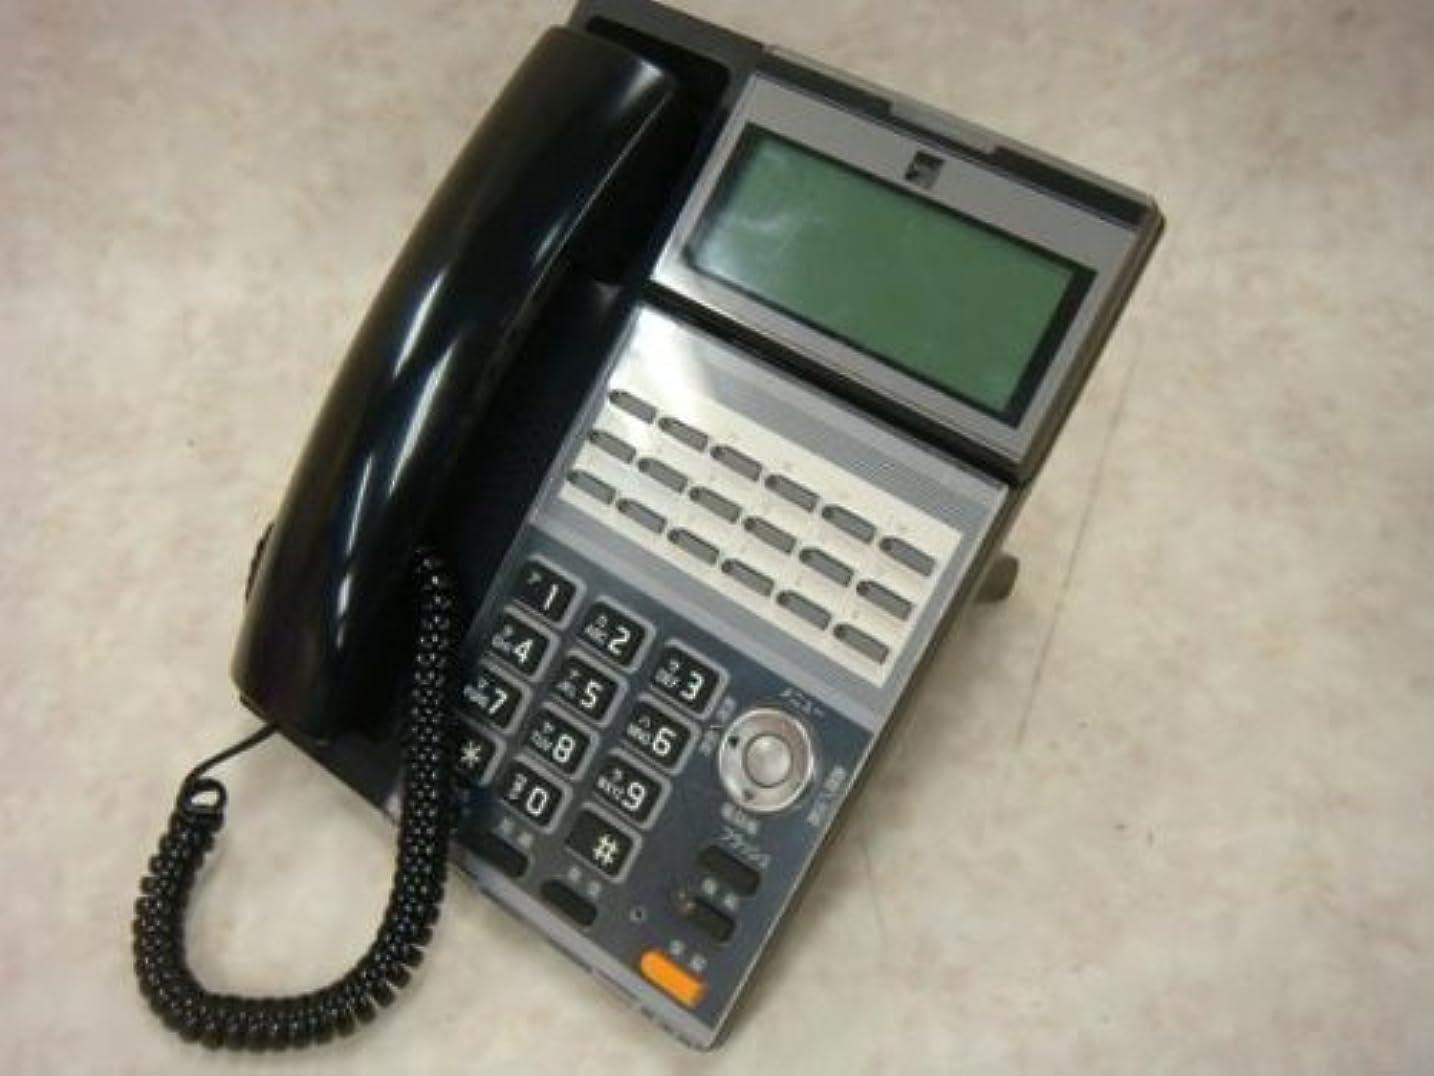 見通し切るサーバTD610(K) SAXA サクサ Regalis UT700 漢字表示チルトディスプレイ 18ボタン電話機 [オフィス用品] ビジネスフォン [オフィス用品]